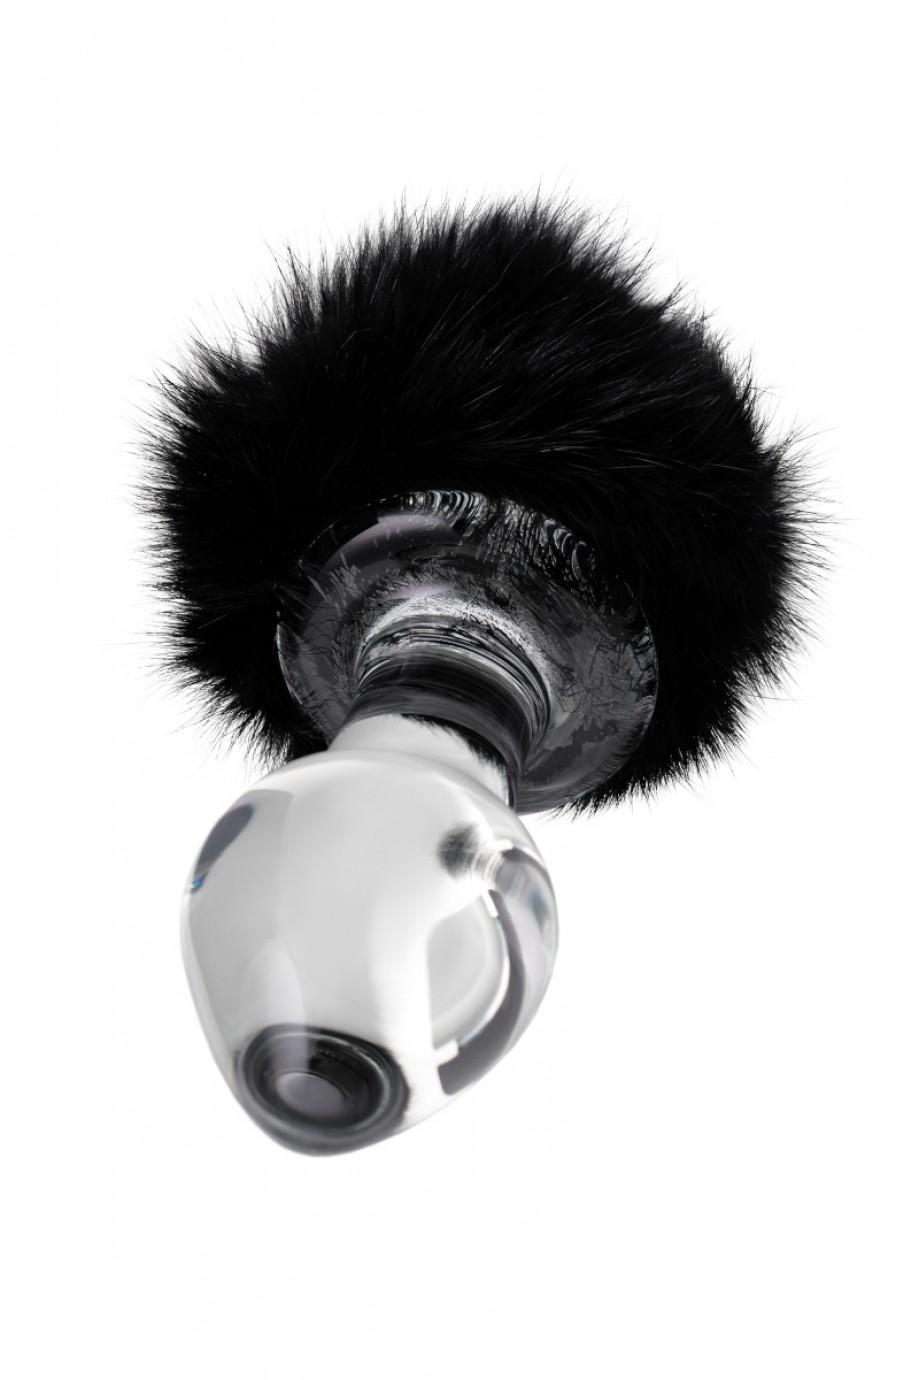 Анальная пробка Sexus Glass, Стекло, с черным хвостиком, 9,5 см